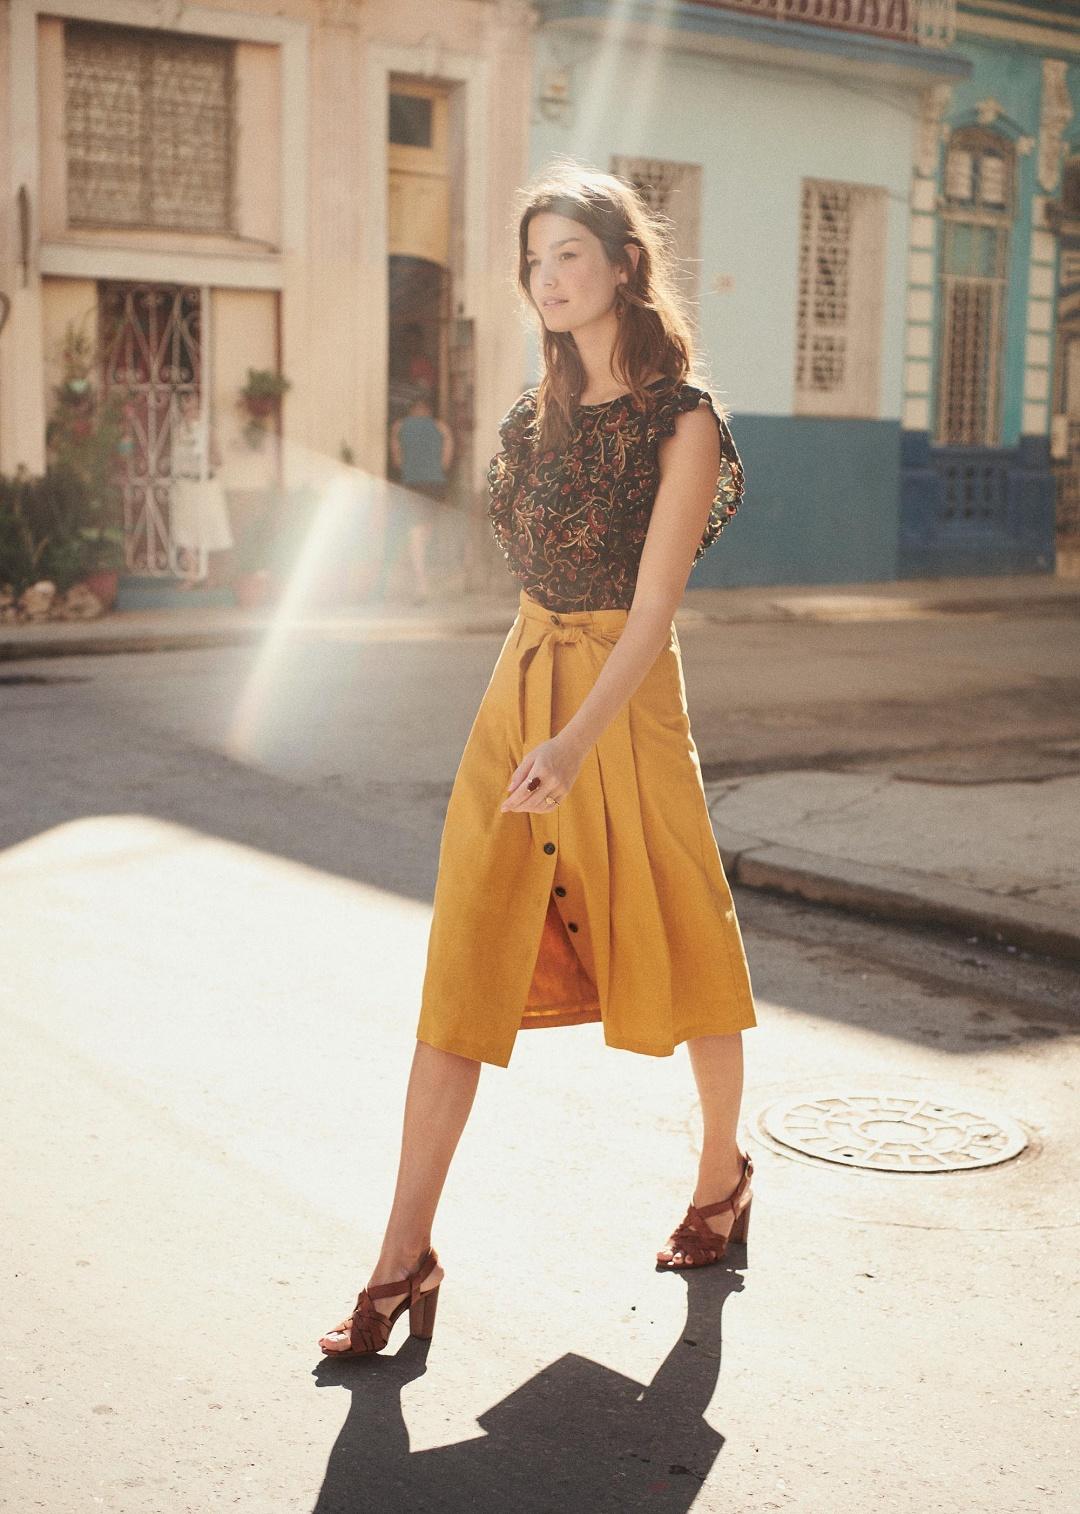 Amandine skirt from Sezane